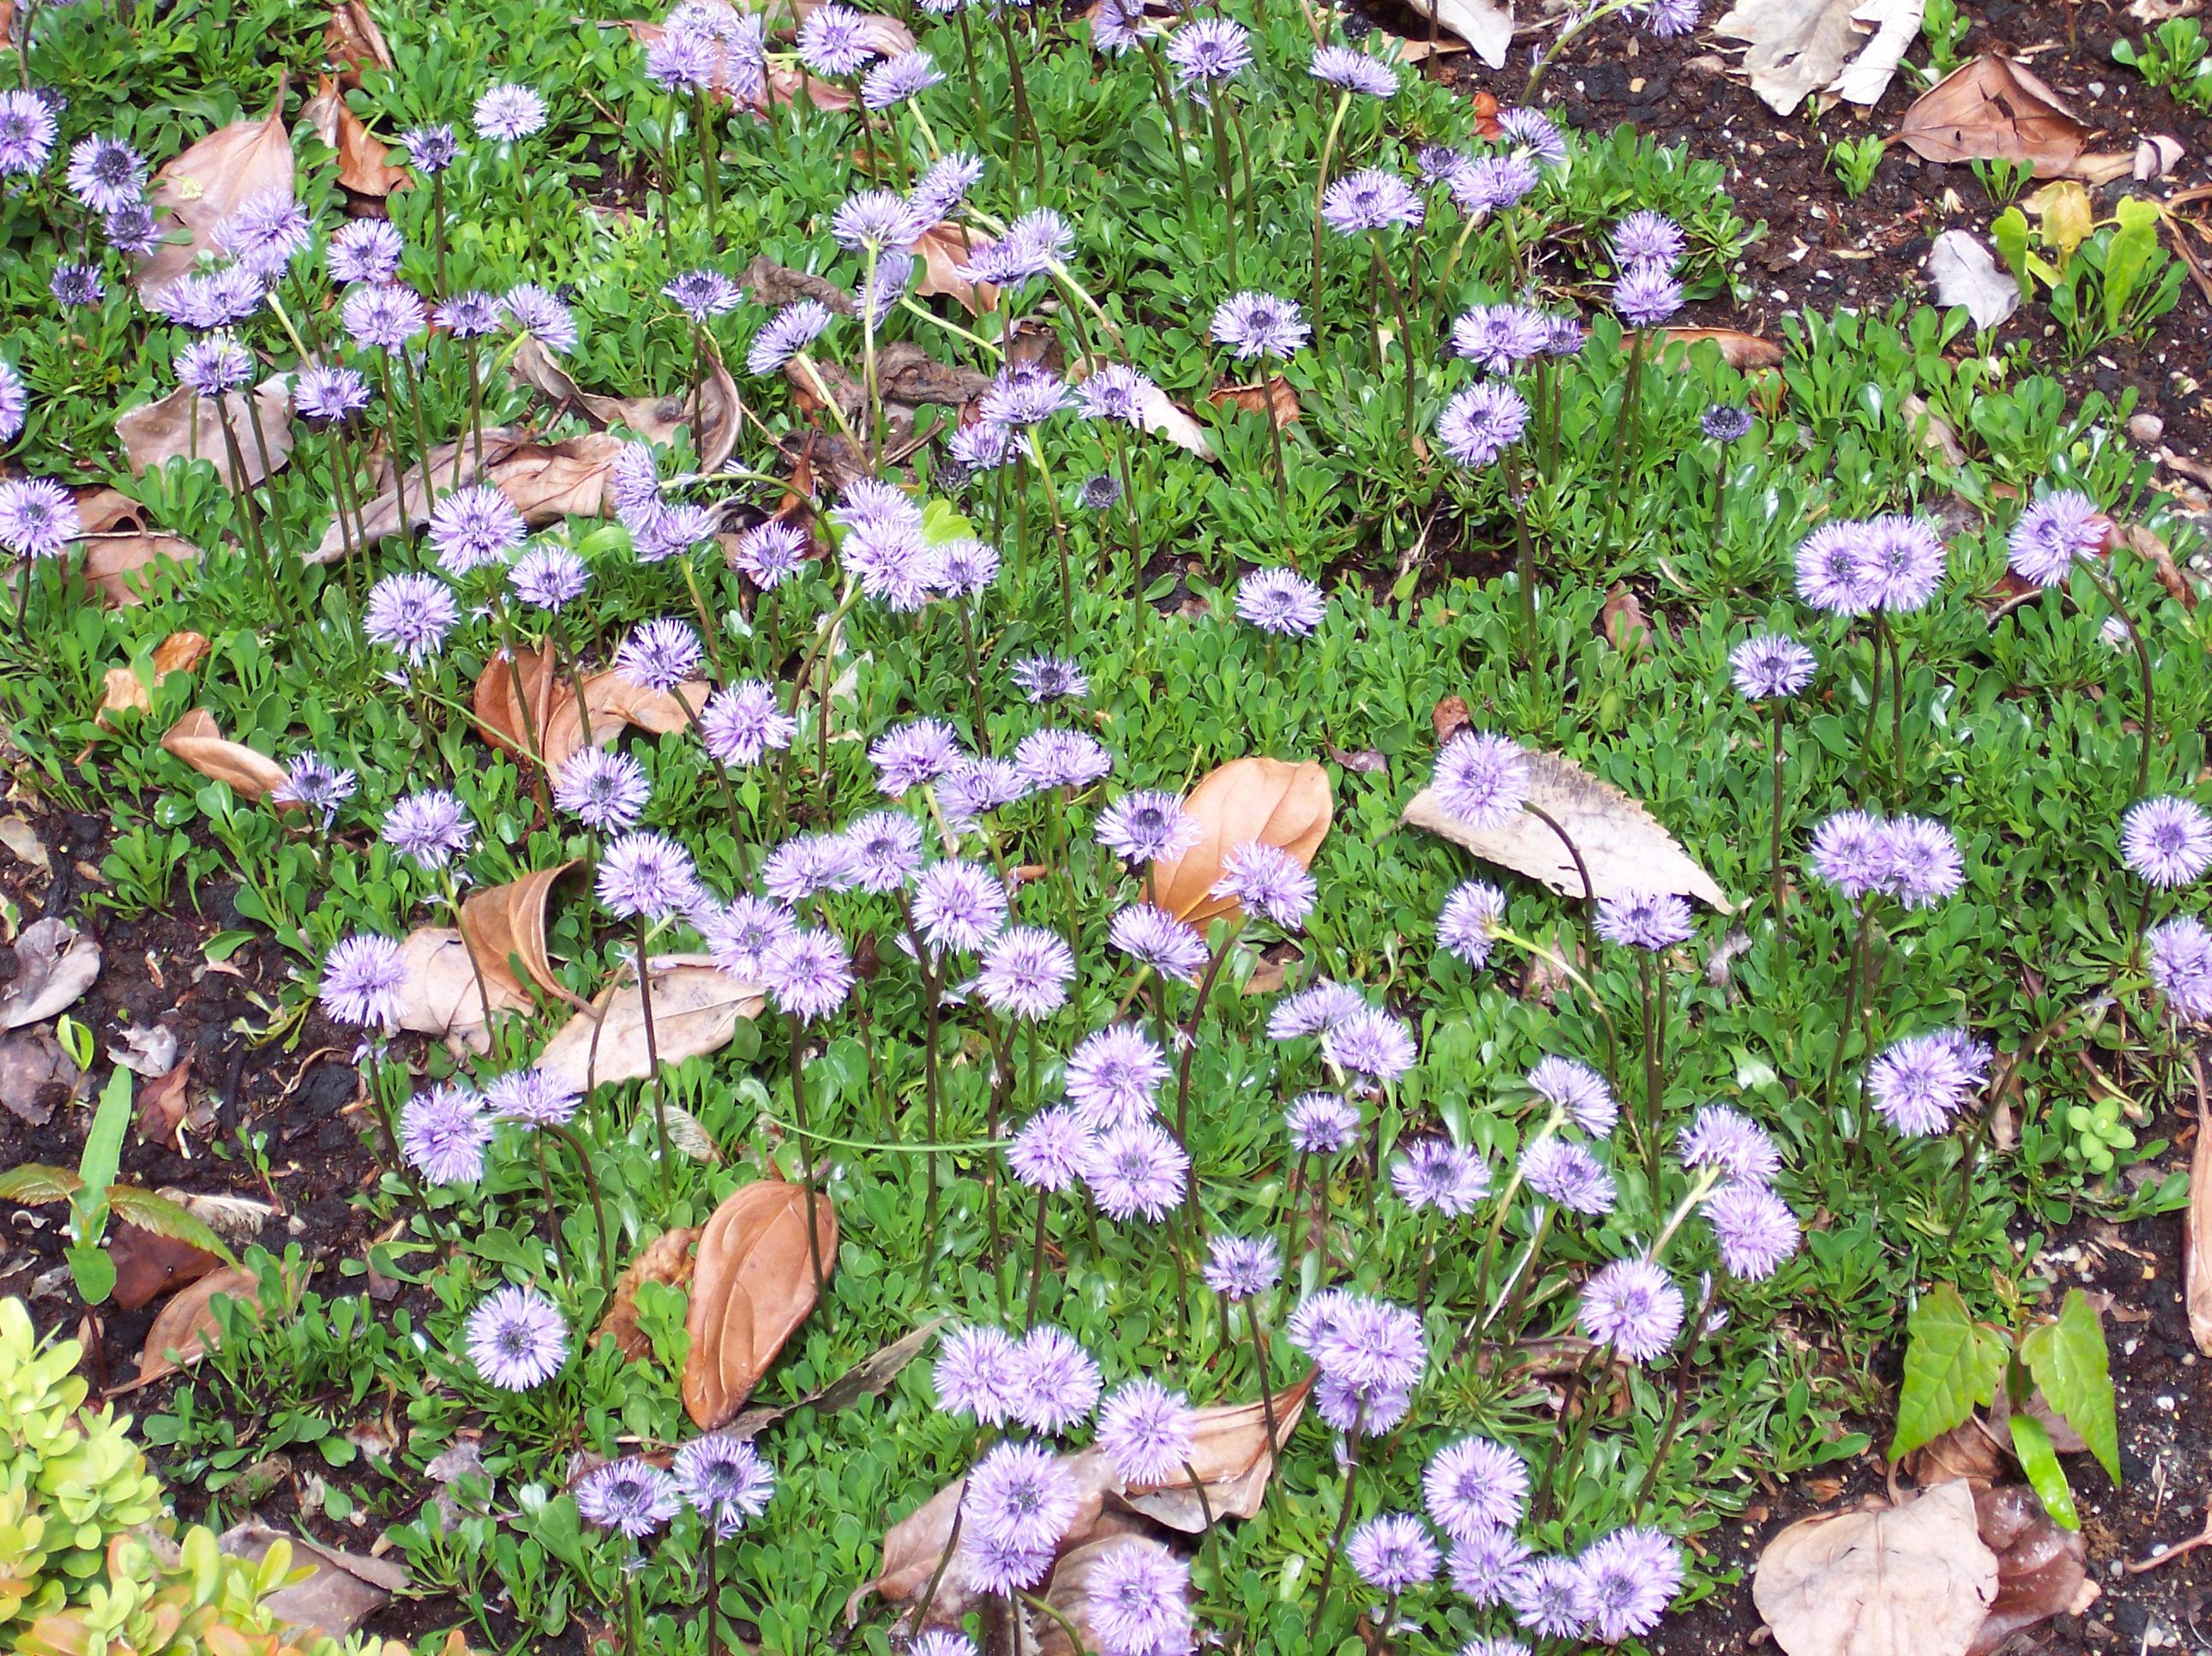 File:Globularia cordifolia.jpg - Wikimedia Commons